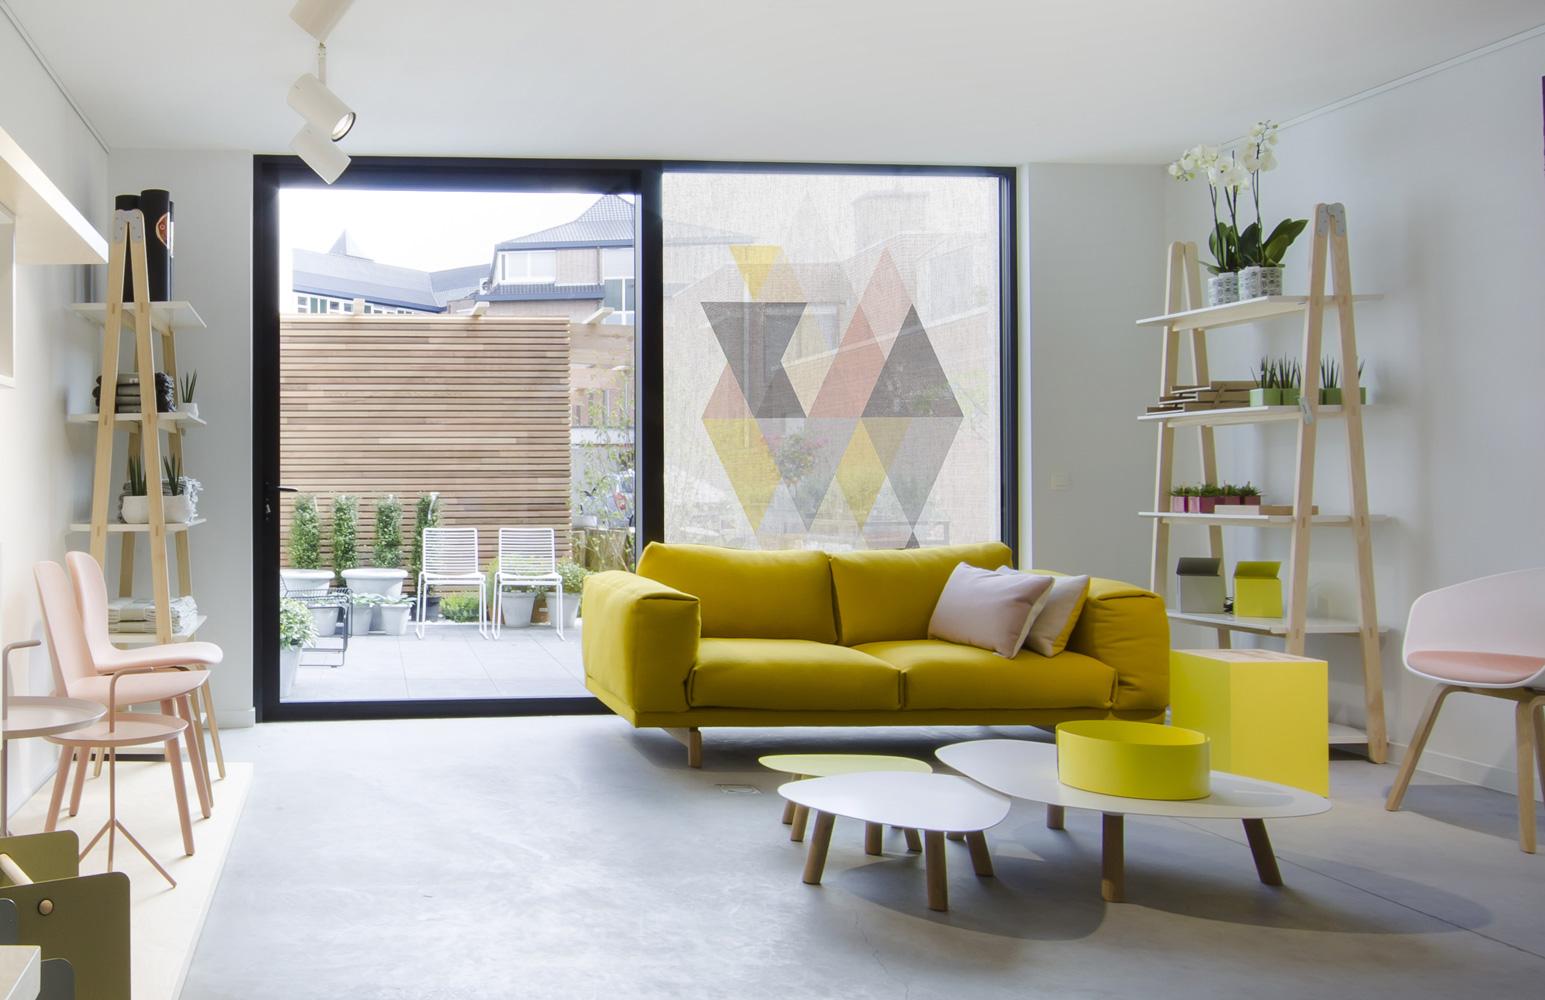 squid le tissu adh sif imprimable pour vitres acte deco. Black Bedroom Furniture Sets. Home Design Ideas